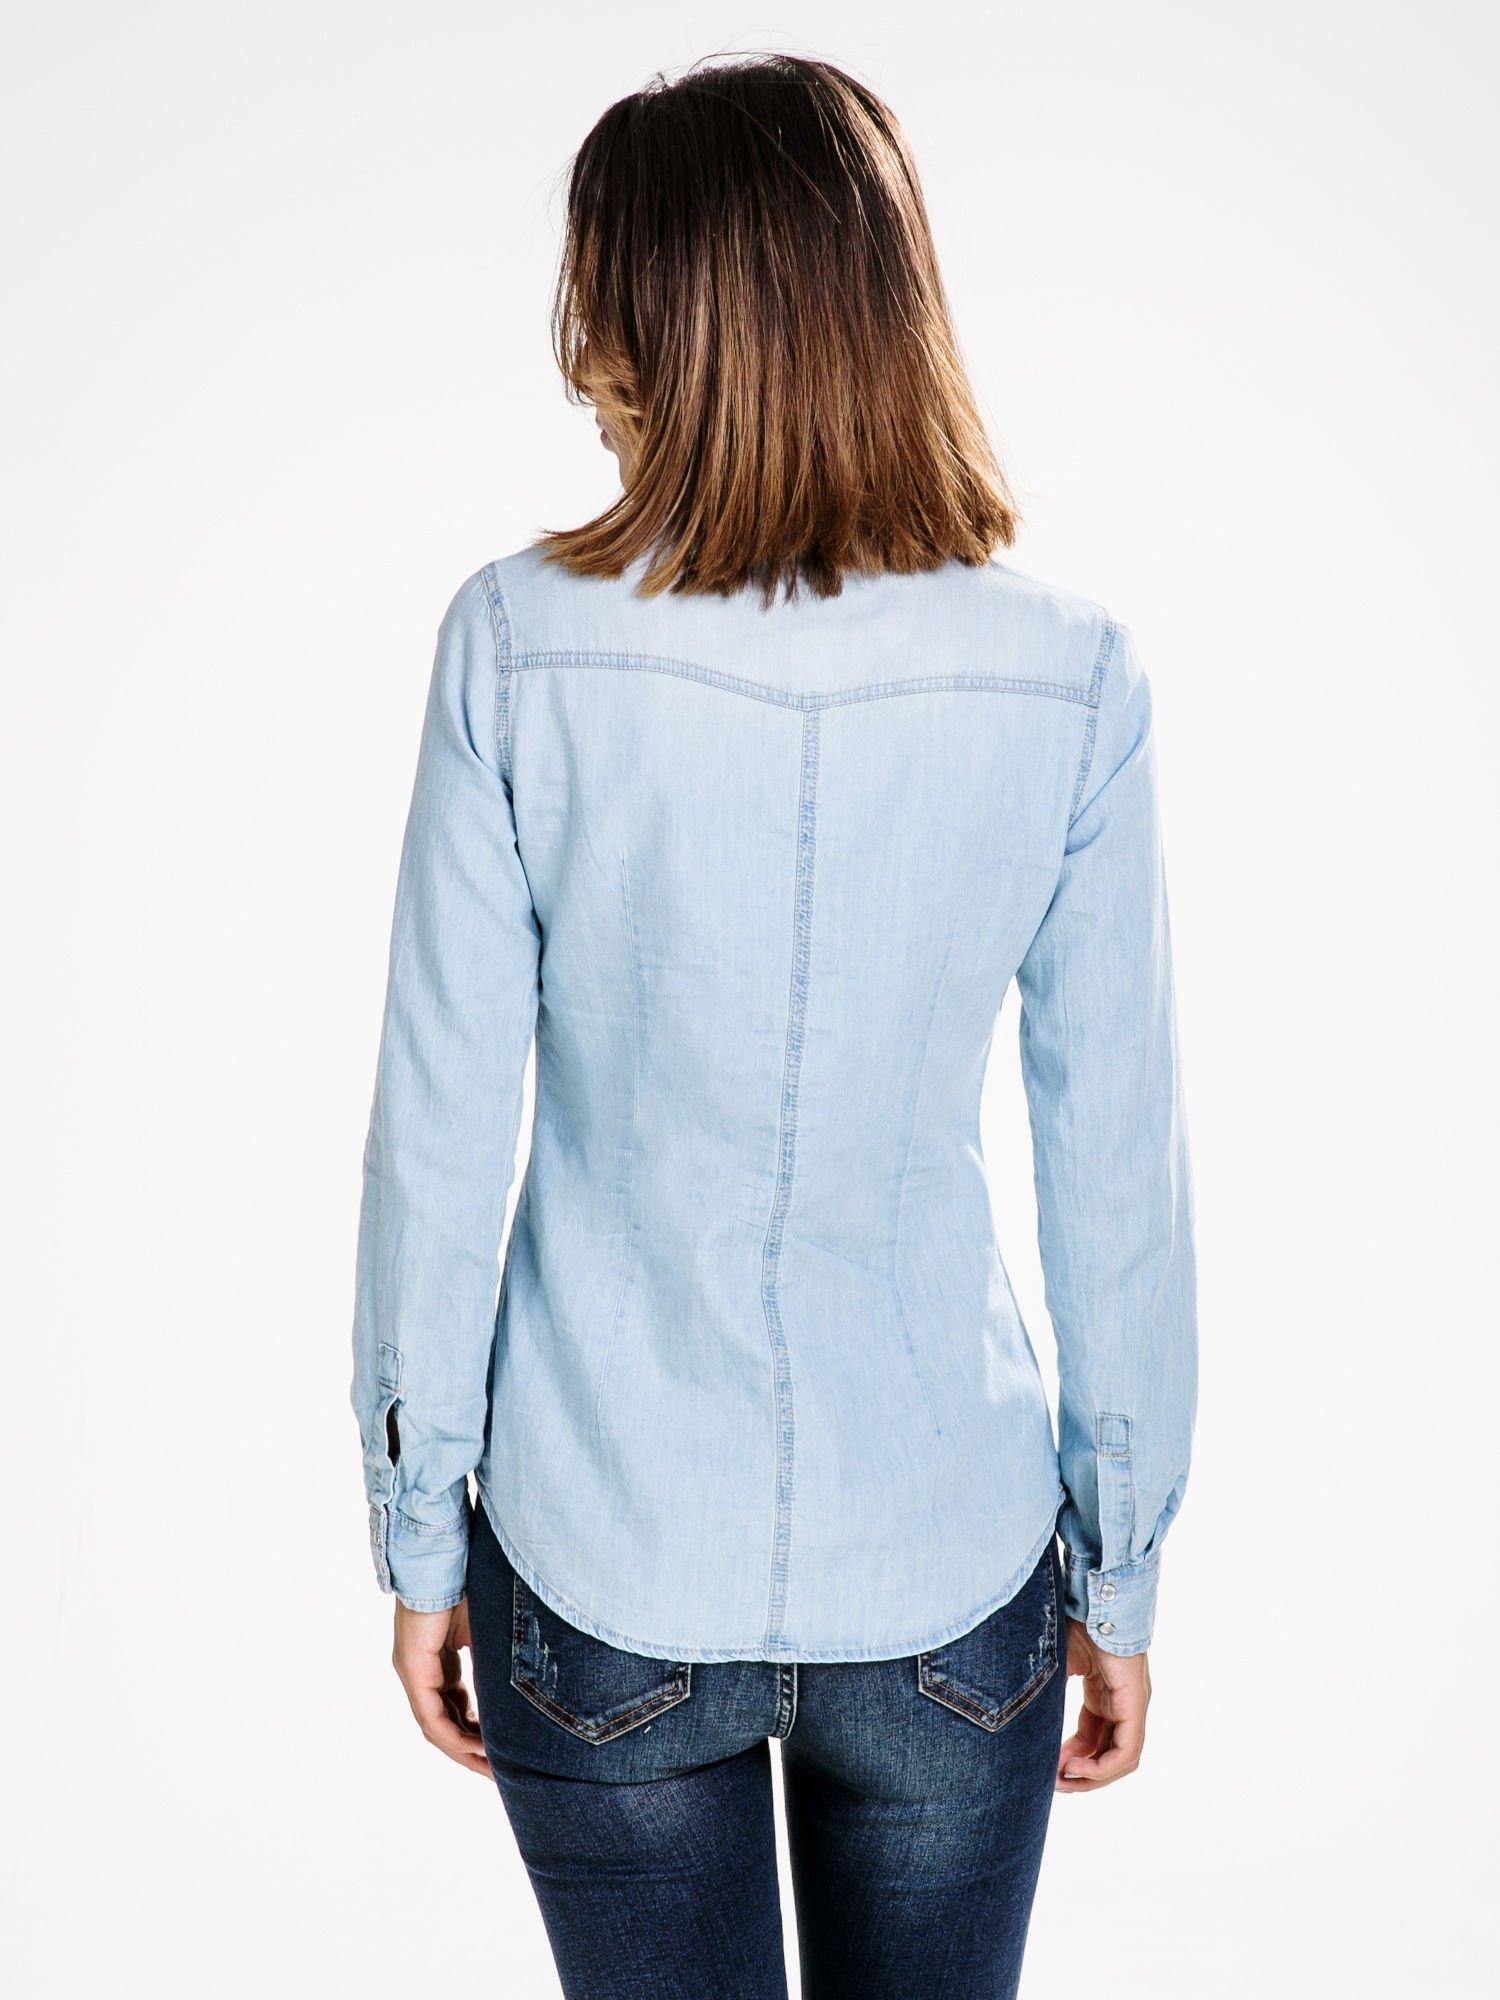 STRADIVARIUS Jeansowa koszula z kieszonkami                                  zdj.                                  2